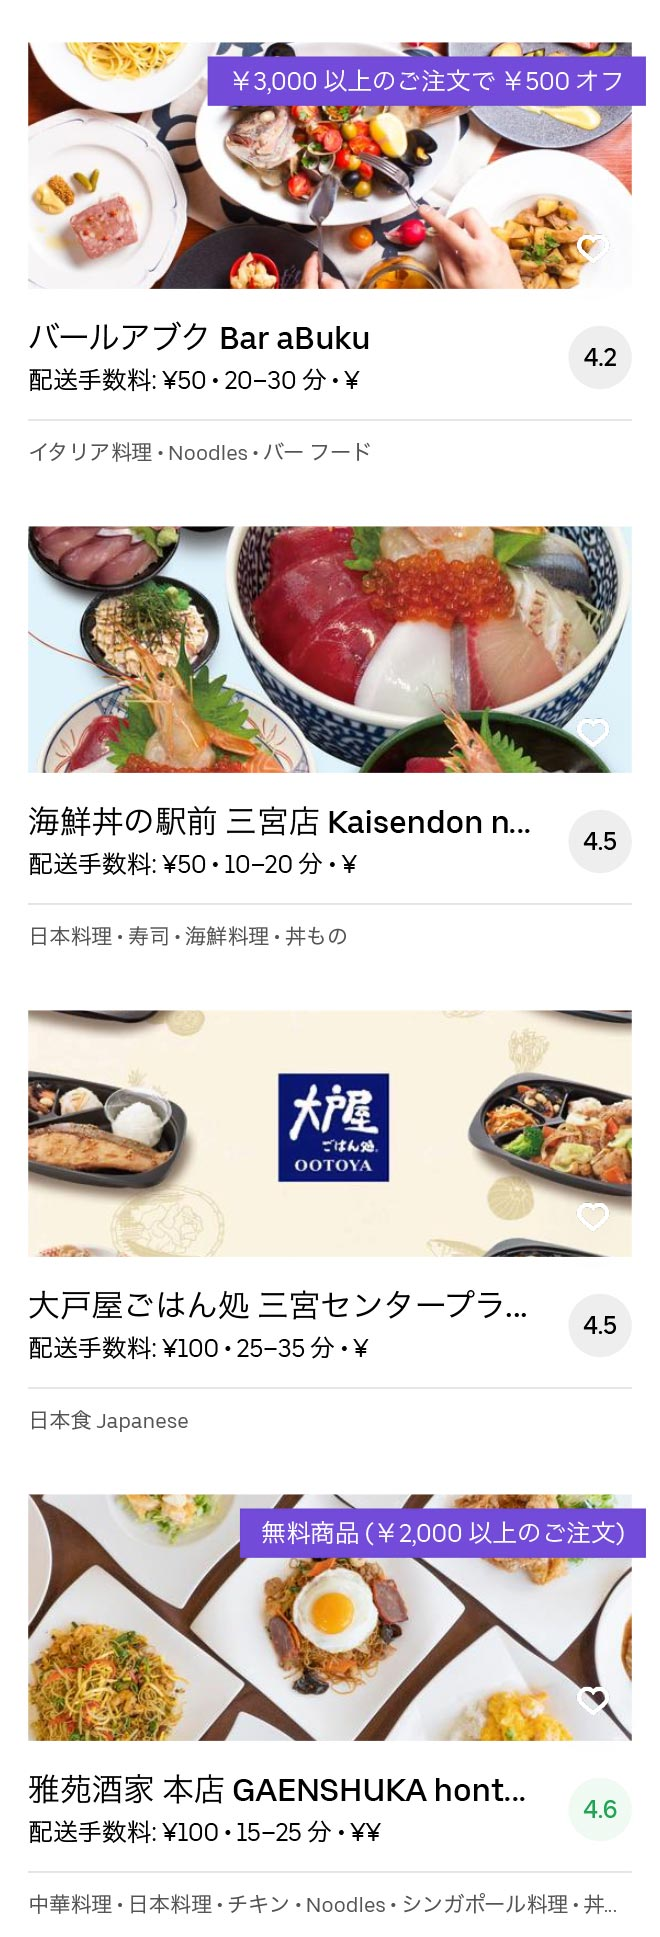 Kobe sannomiya menu 2005 11